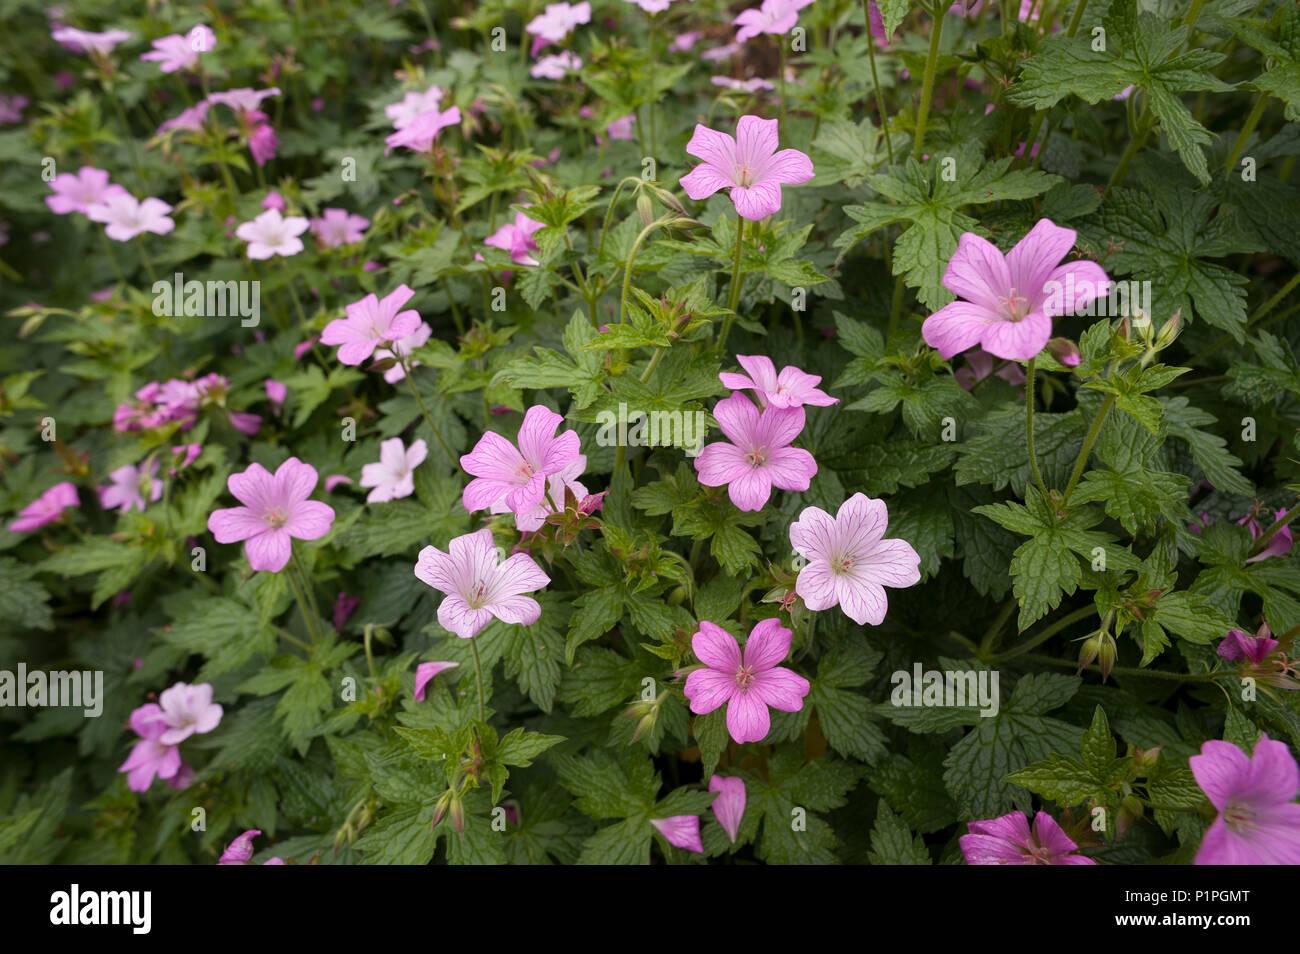 Grappe de fleurs mauve clair rose géraniums plantes avec ...